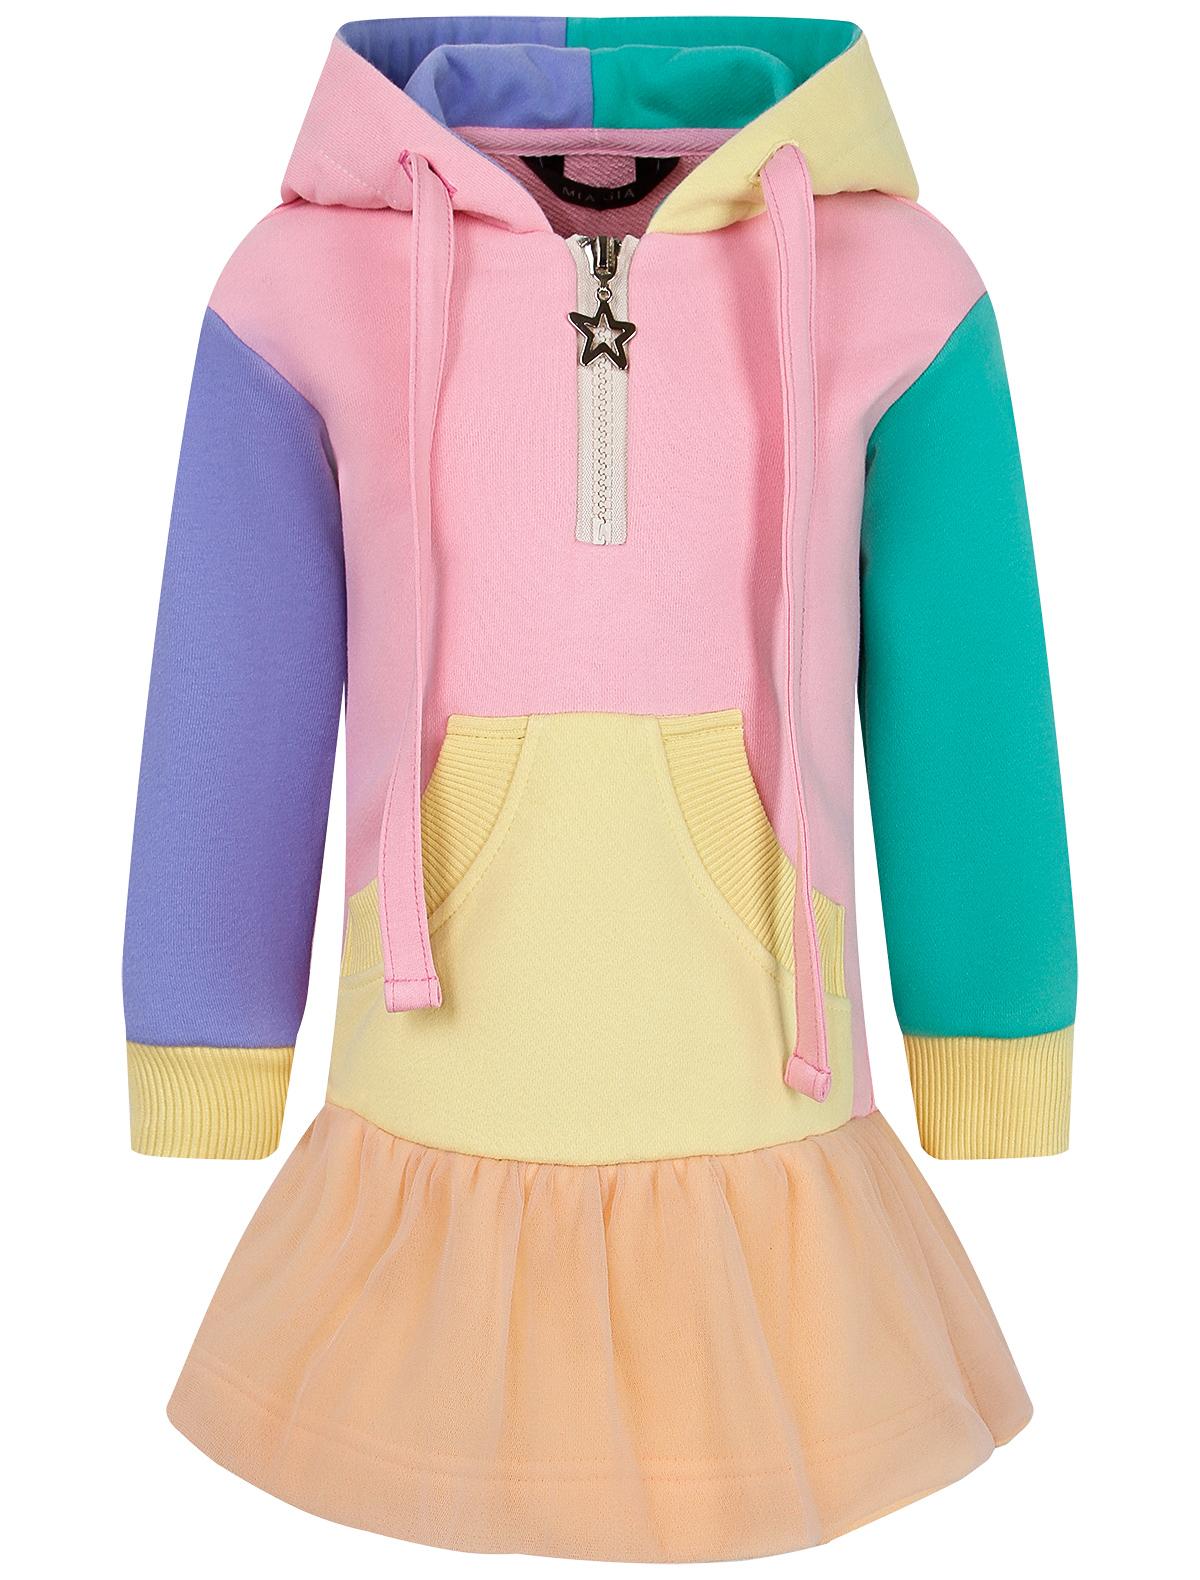 2268419, Платье MIA GIA, разноцветный, Женский, 1054500080351  - купить со скидкой